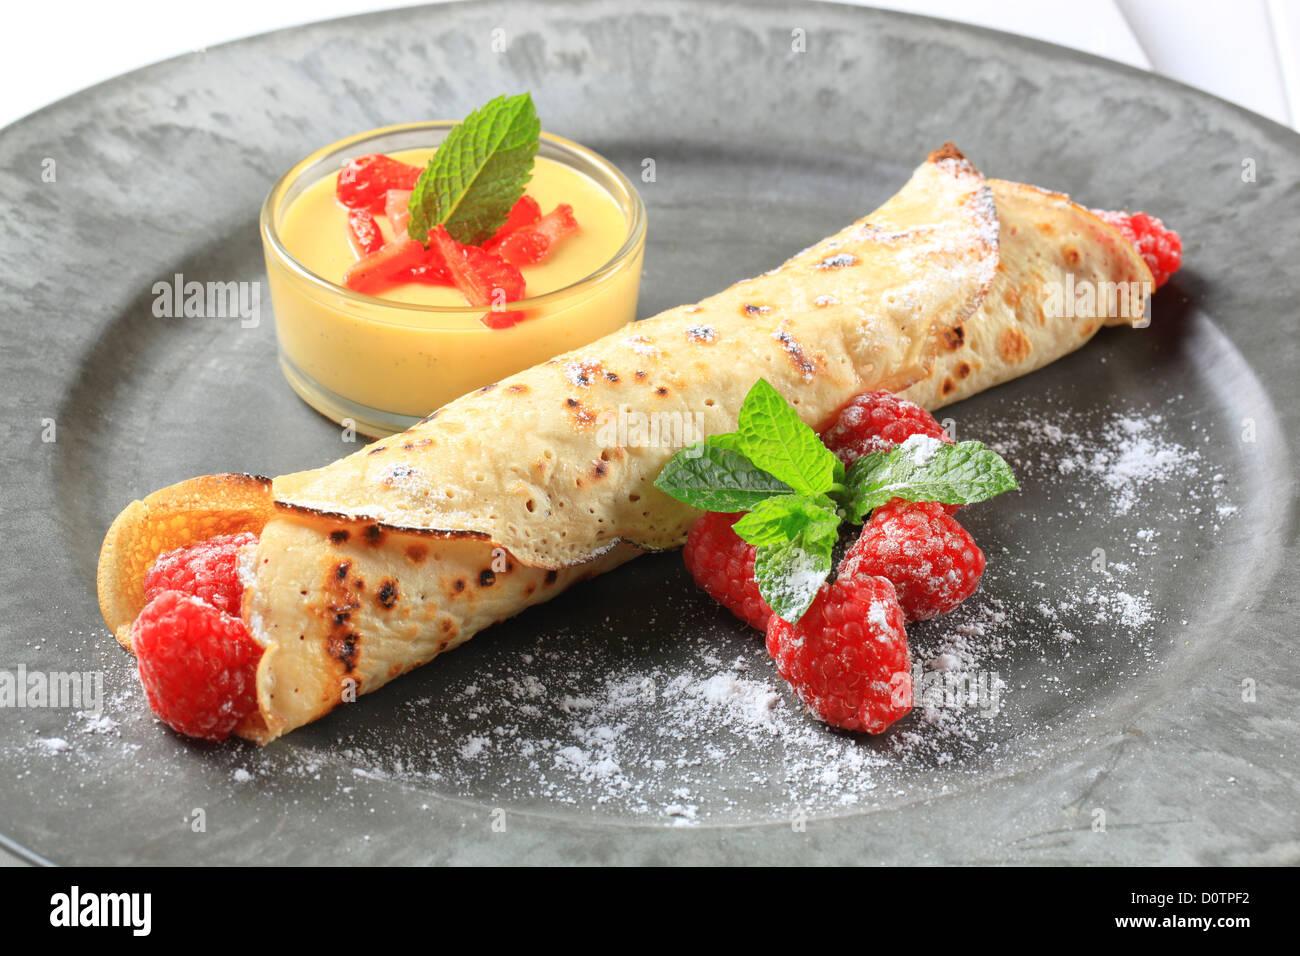 Crepe rellena con frambuesas frescas y crema de flan Imagen De Stock